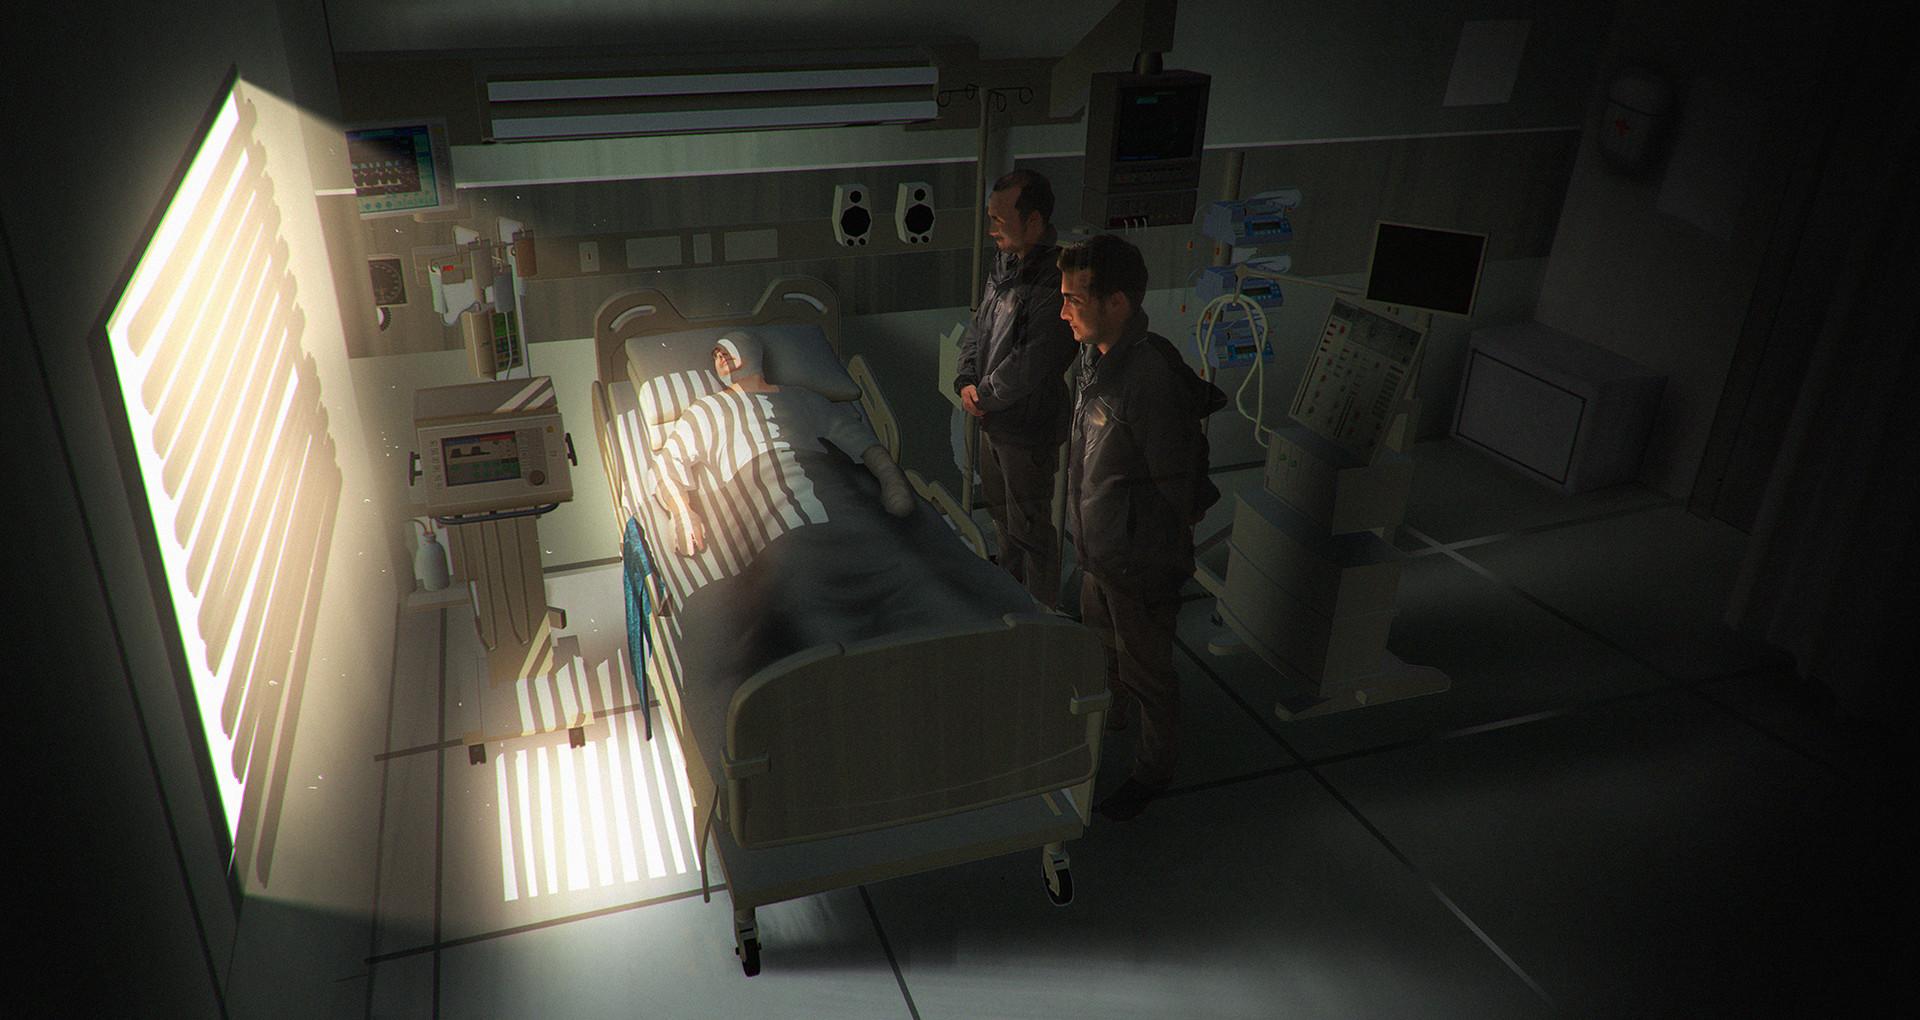 Matt tkocz int hospital2b